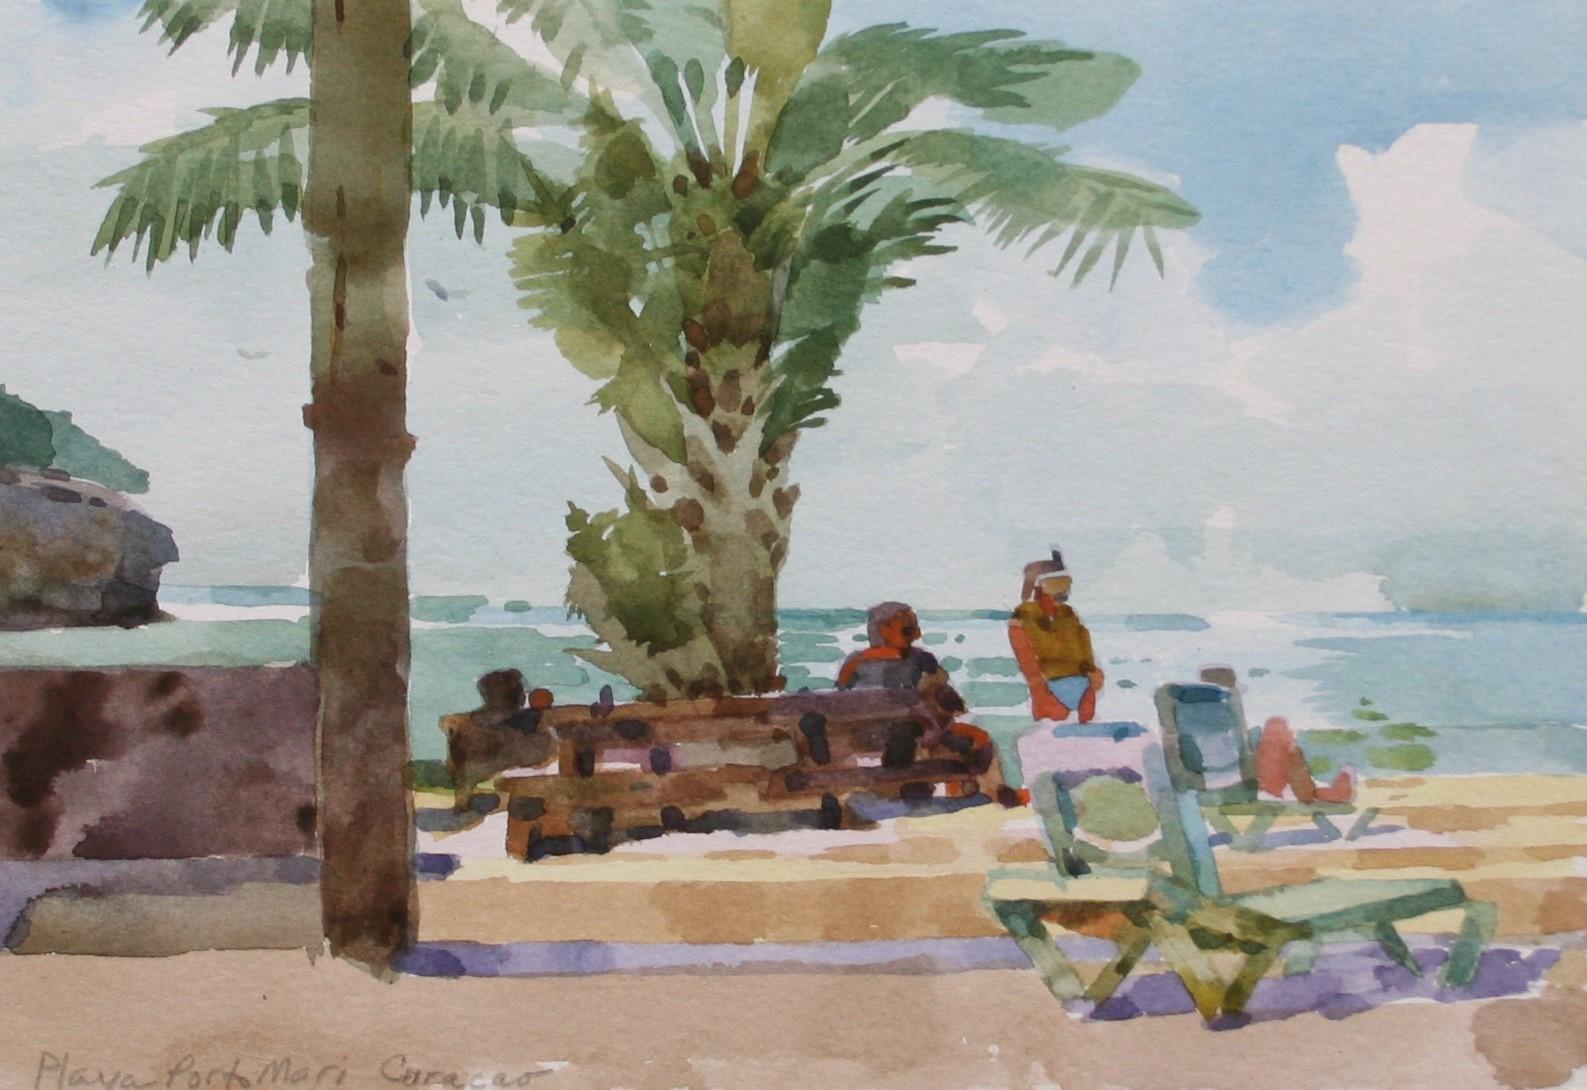 Curaco Beach Scene Pleine Air